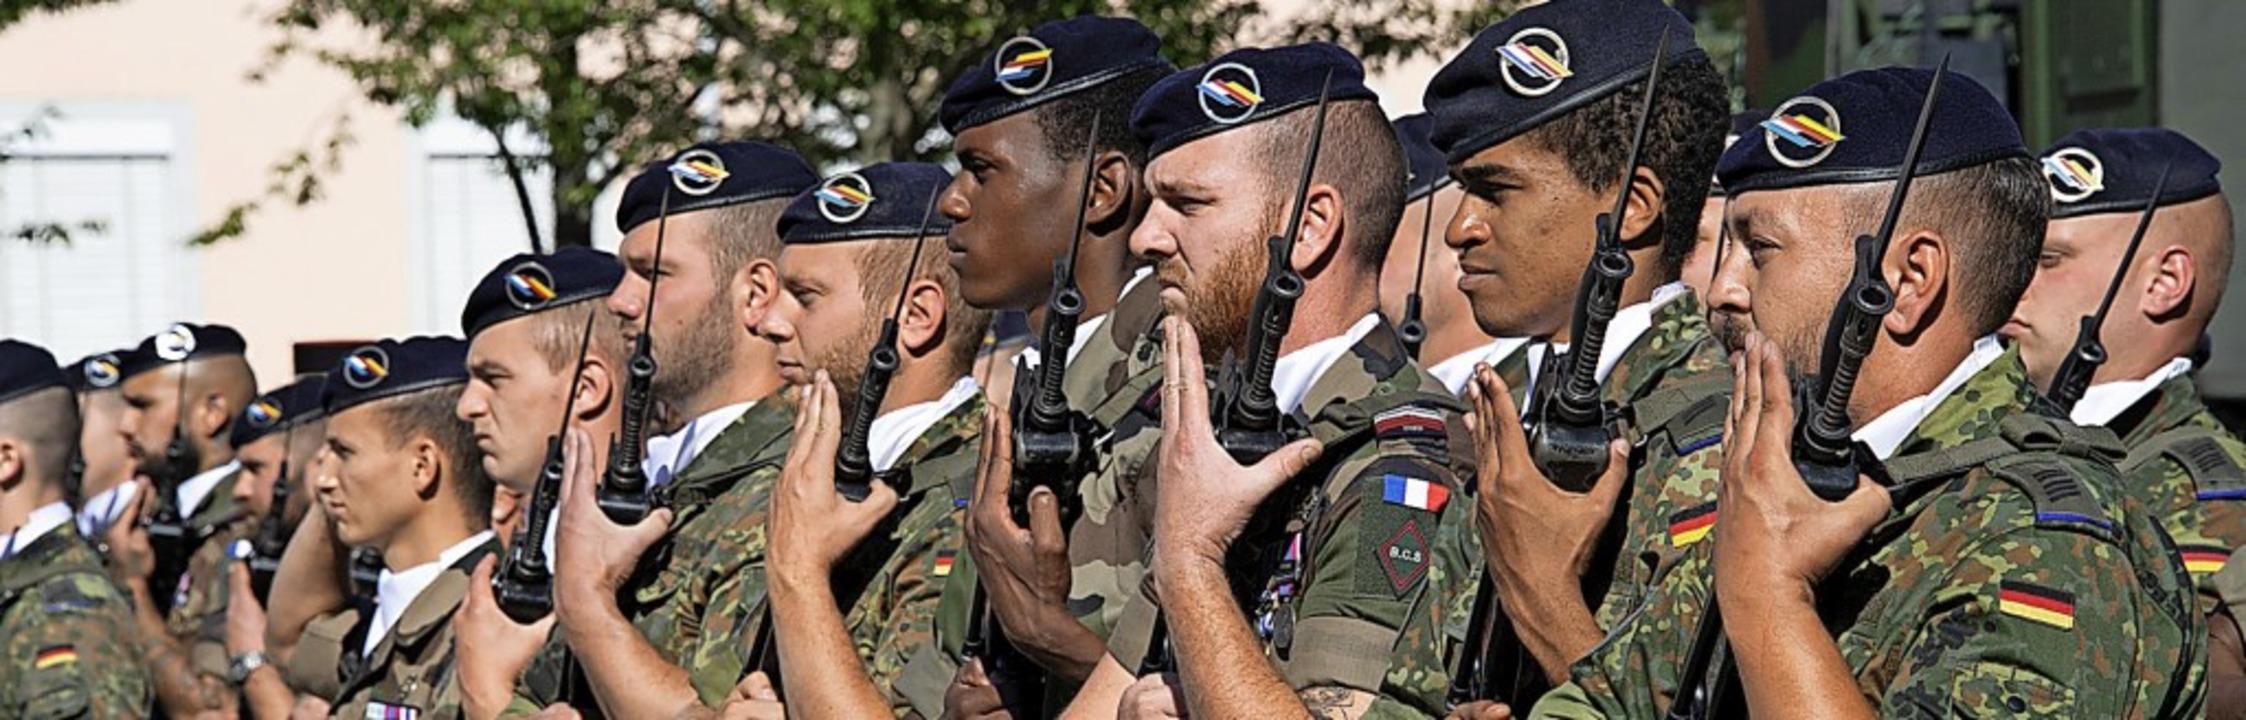 Für die Deutsch-Französische Brigade i...na-Virus eine ernste Herausforderung.   | Foto: Volker Münch